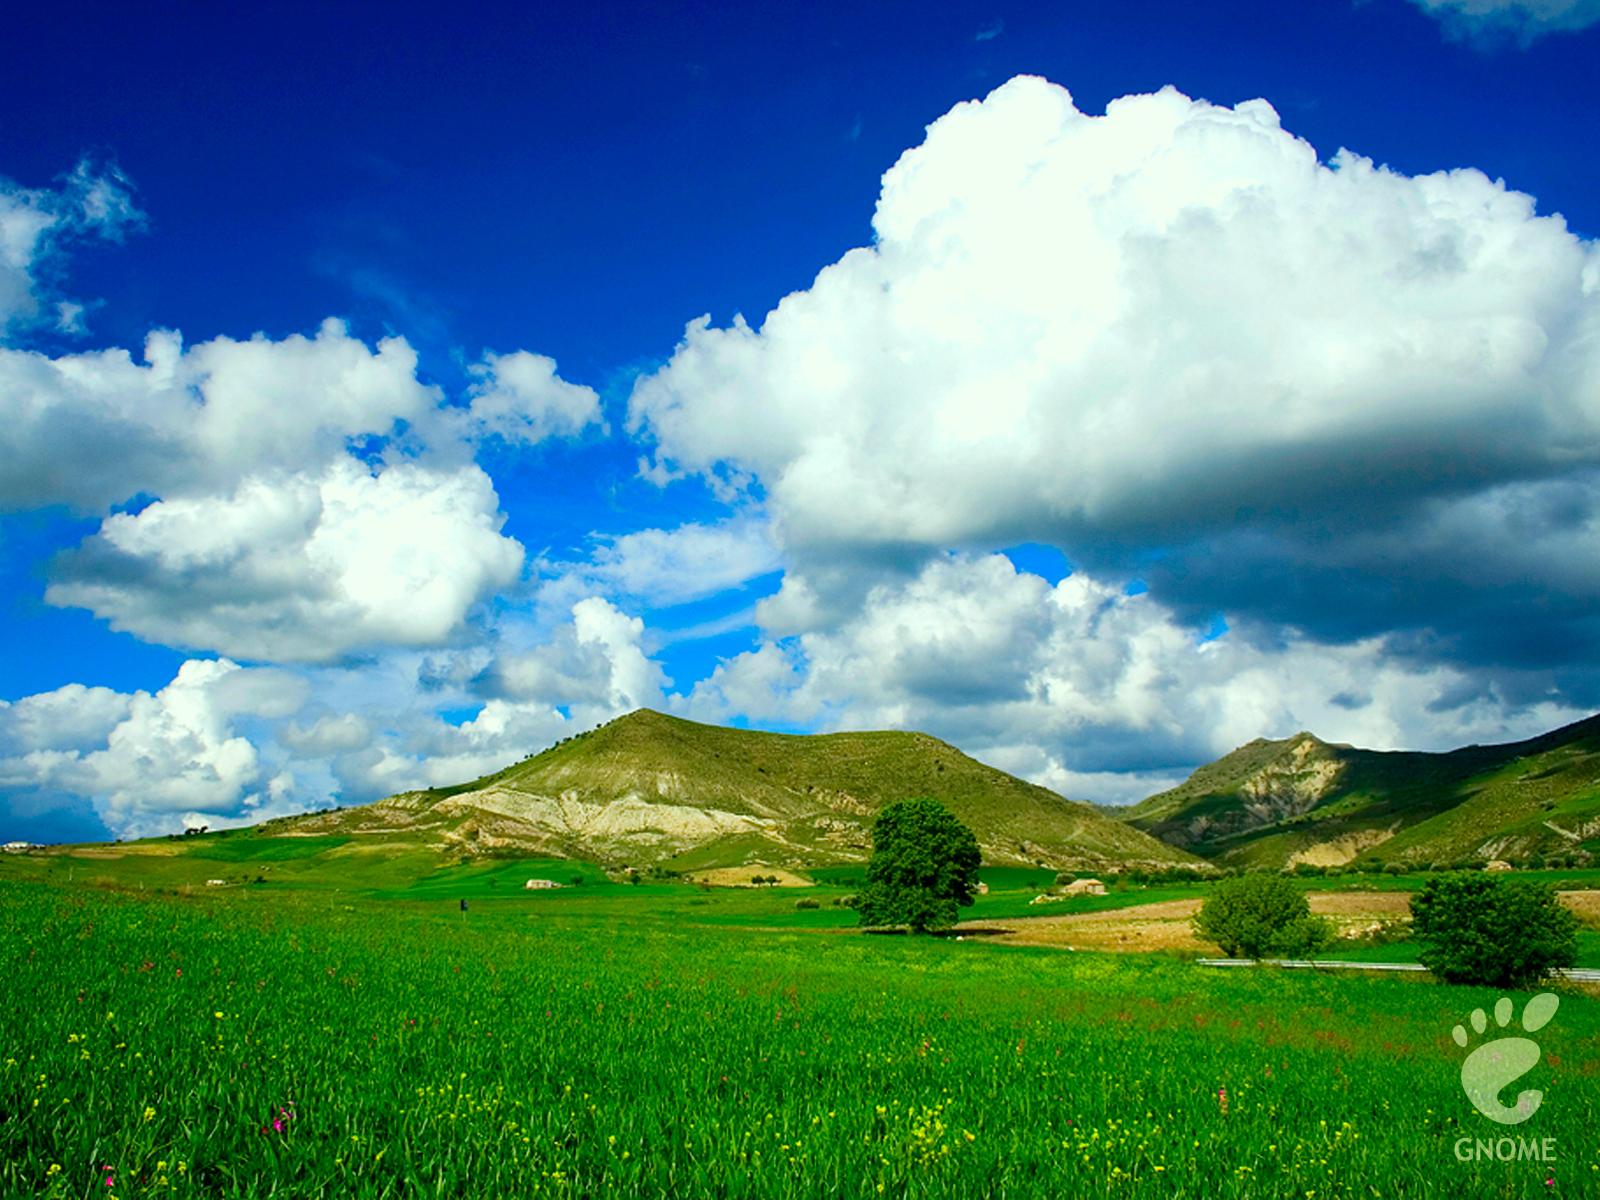 Landscape by yasobelber92